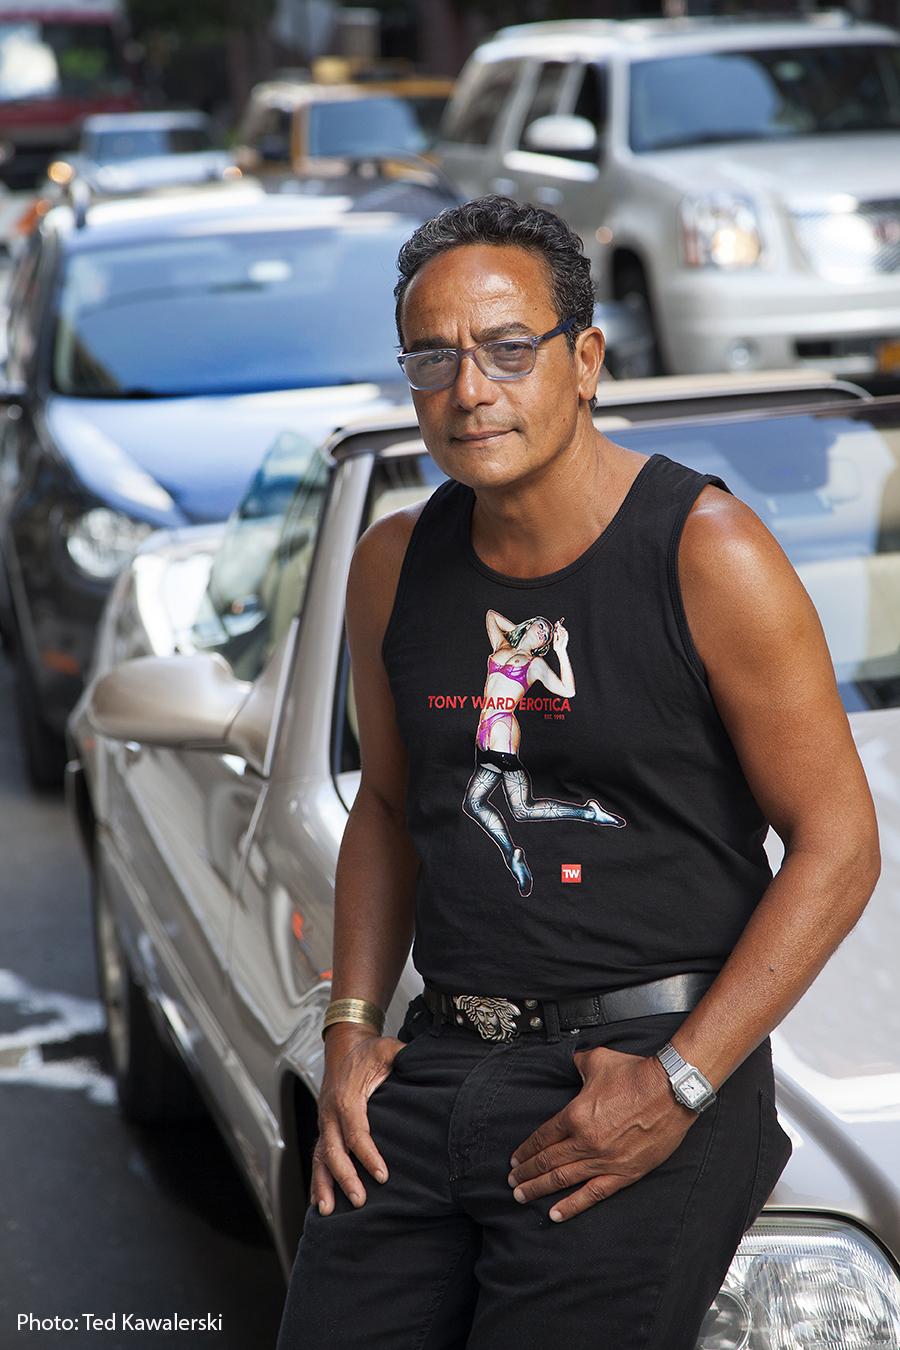 Photo_Tony_Ward_portrait_ted_kawalerski_new_york_tank_tops_t-shirts